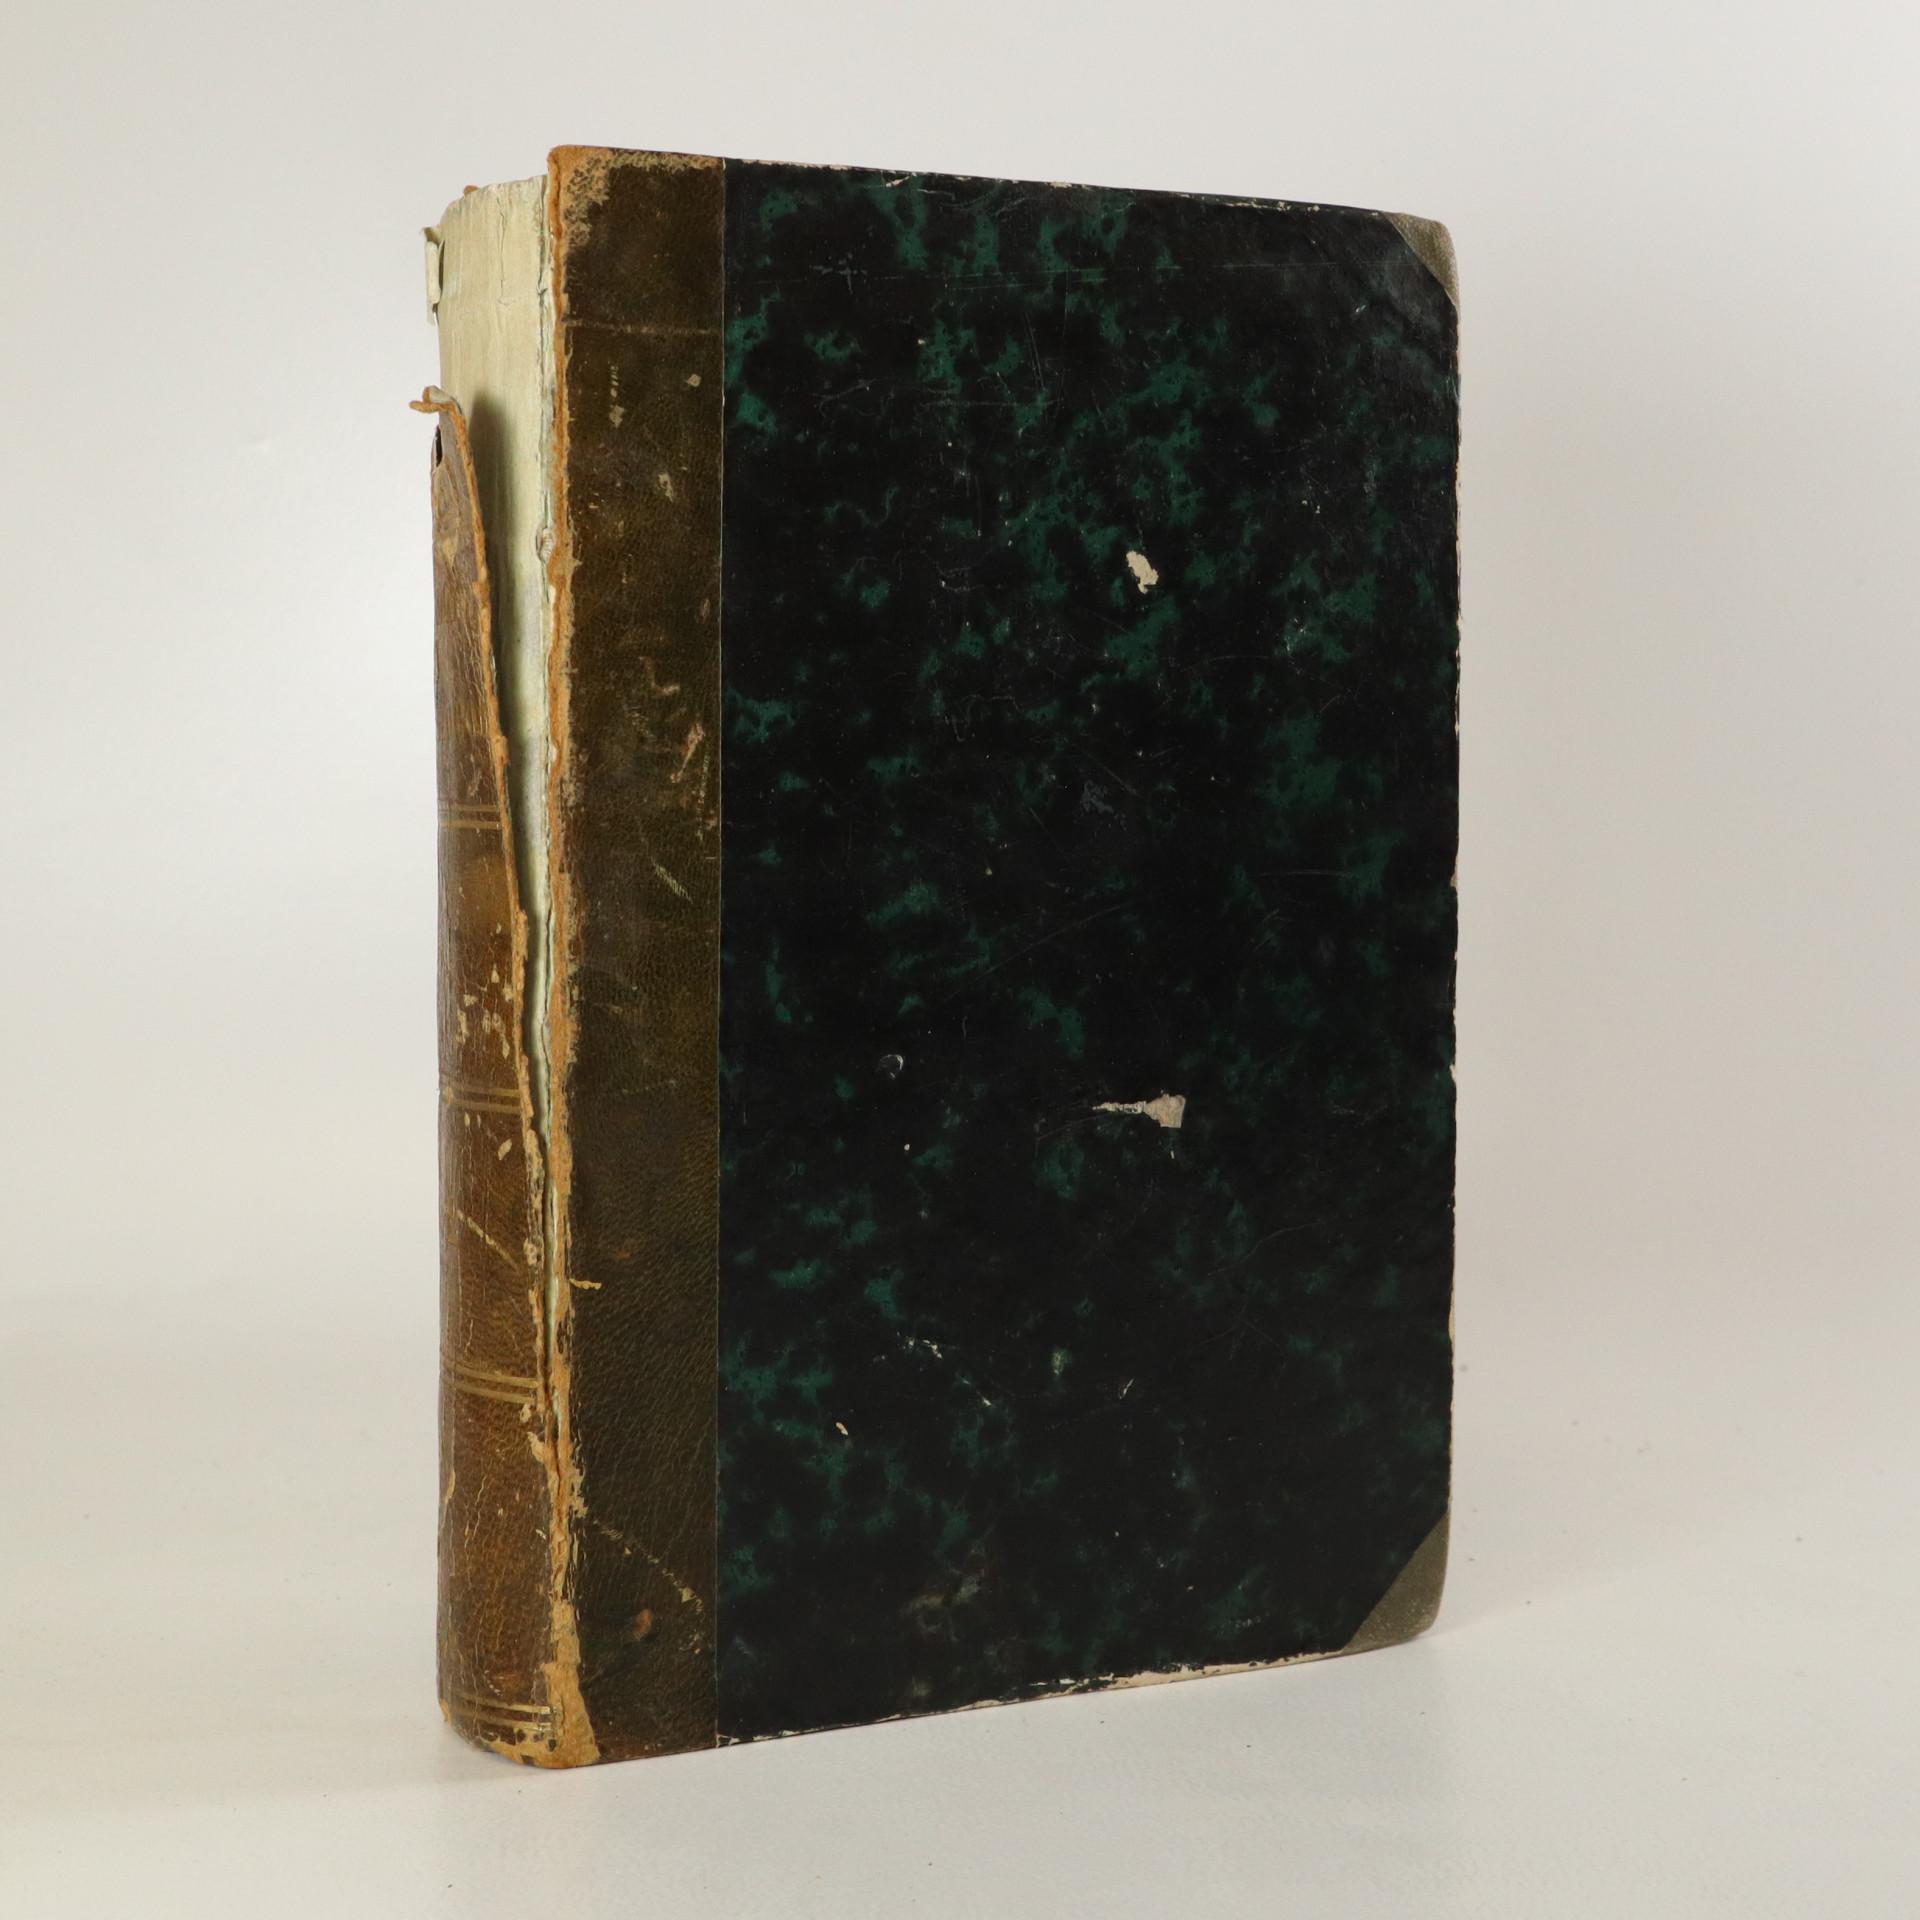 antikvární kniha Сочиненiя Ломоносова (Dílo Lomonosova), 1850